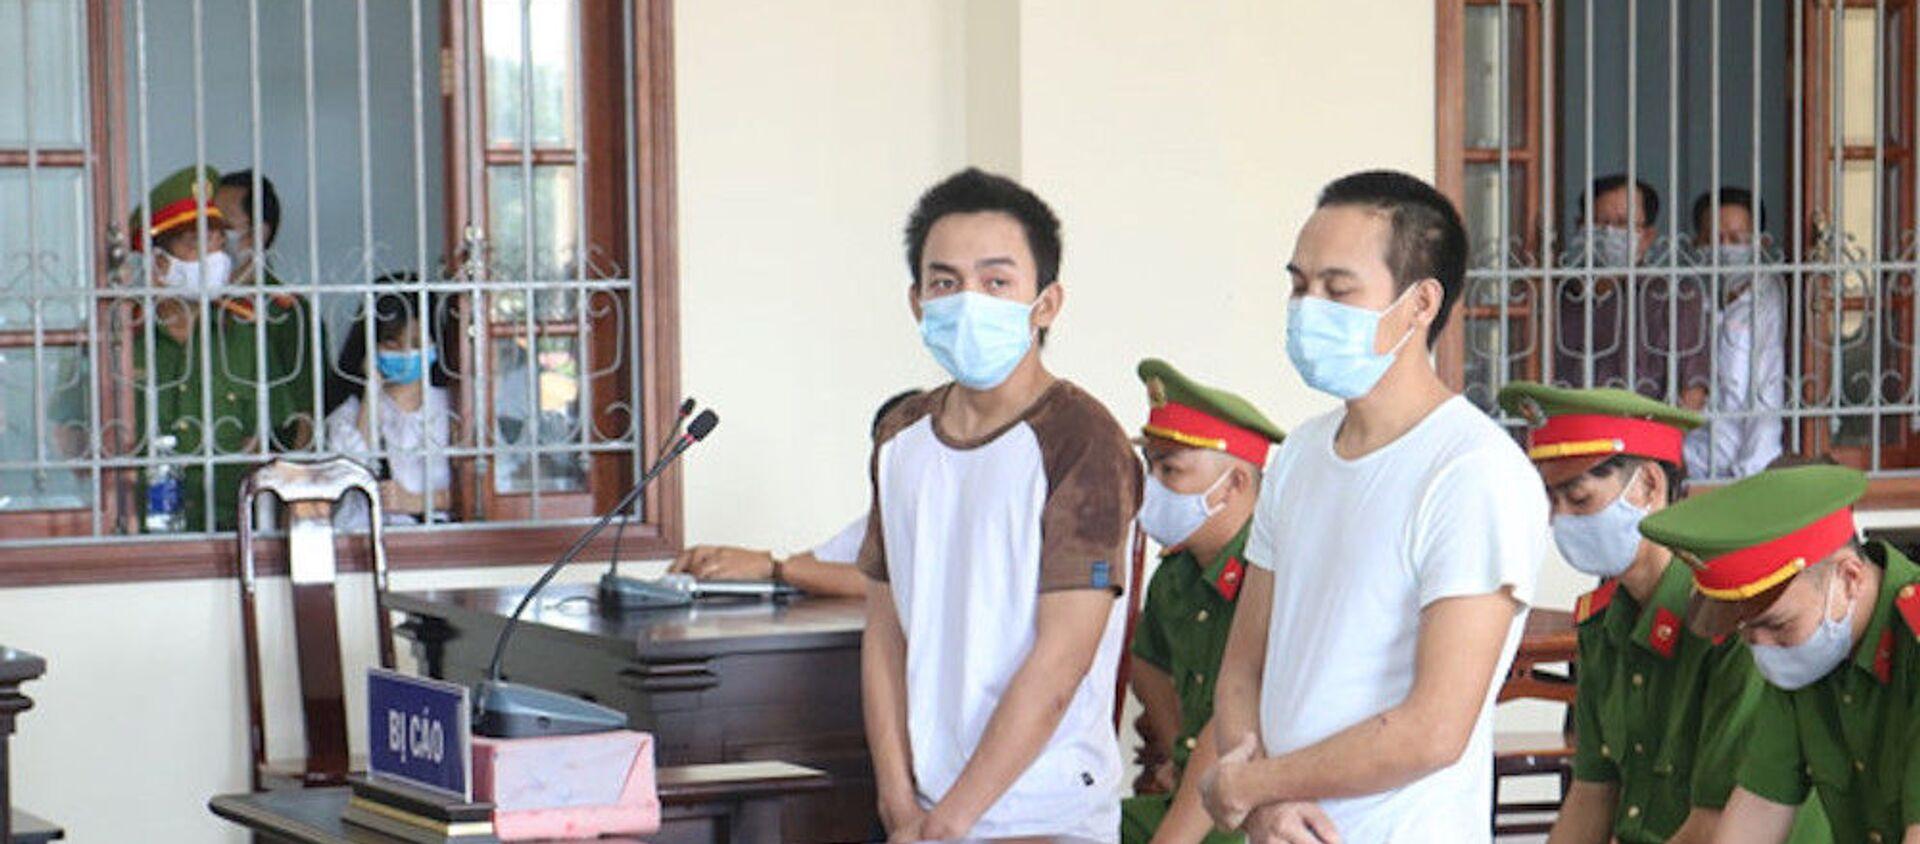 Bị cáo Minh và Giàu tại tòa - Sputnik Việt Nam, 1920, 23.04.2020